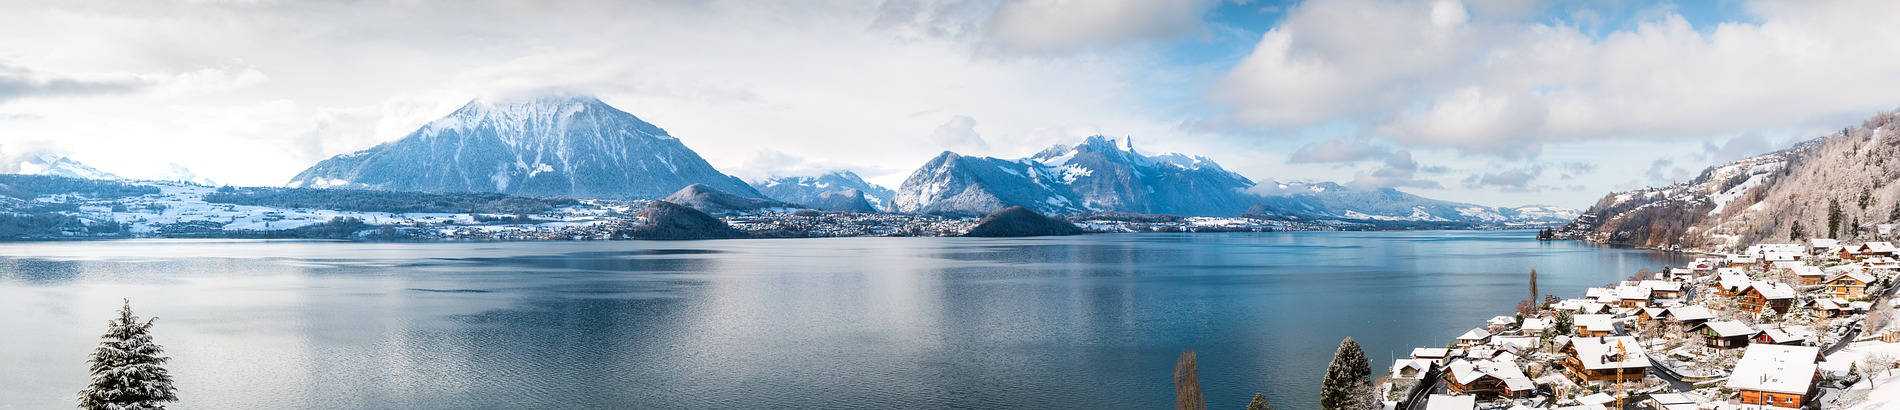 Immagine di un lago di montagna